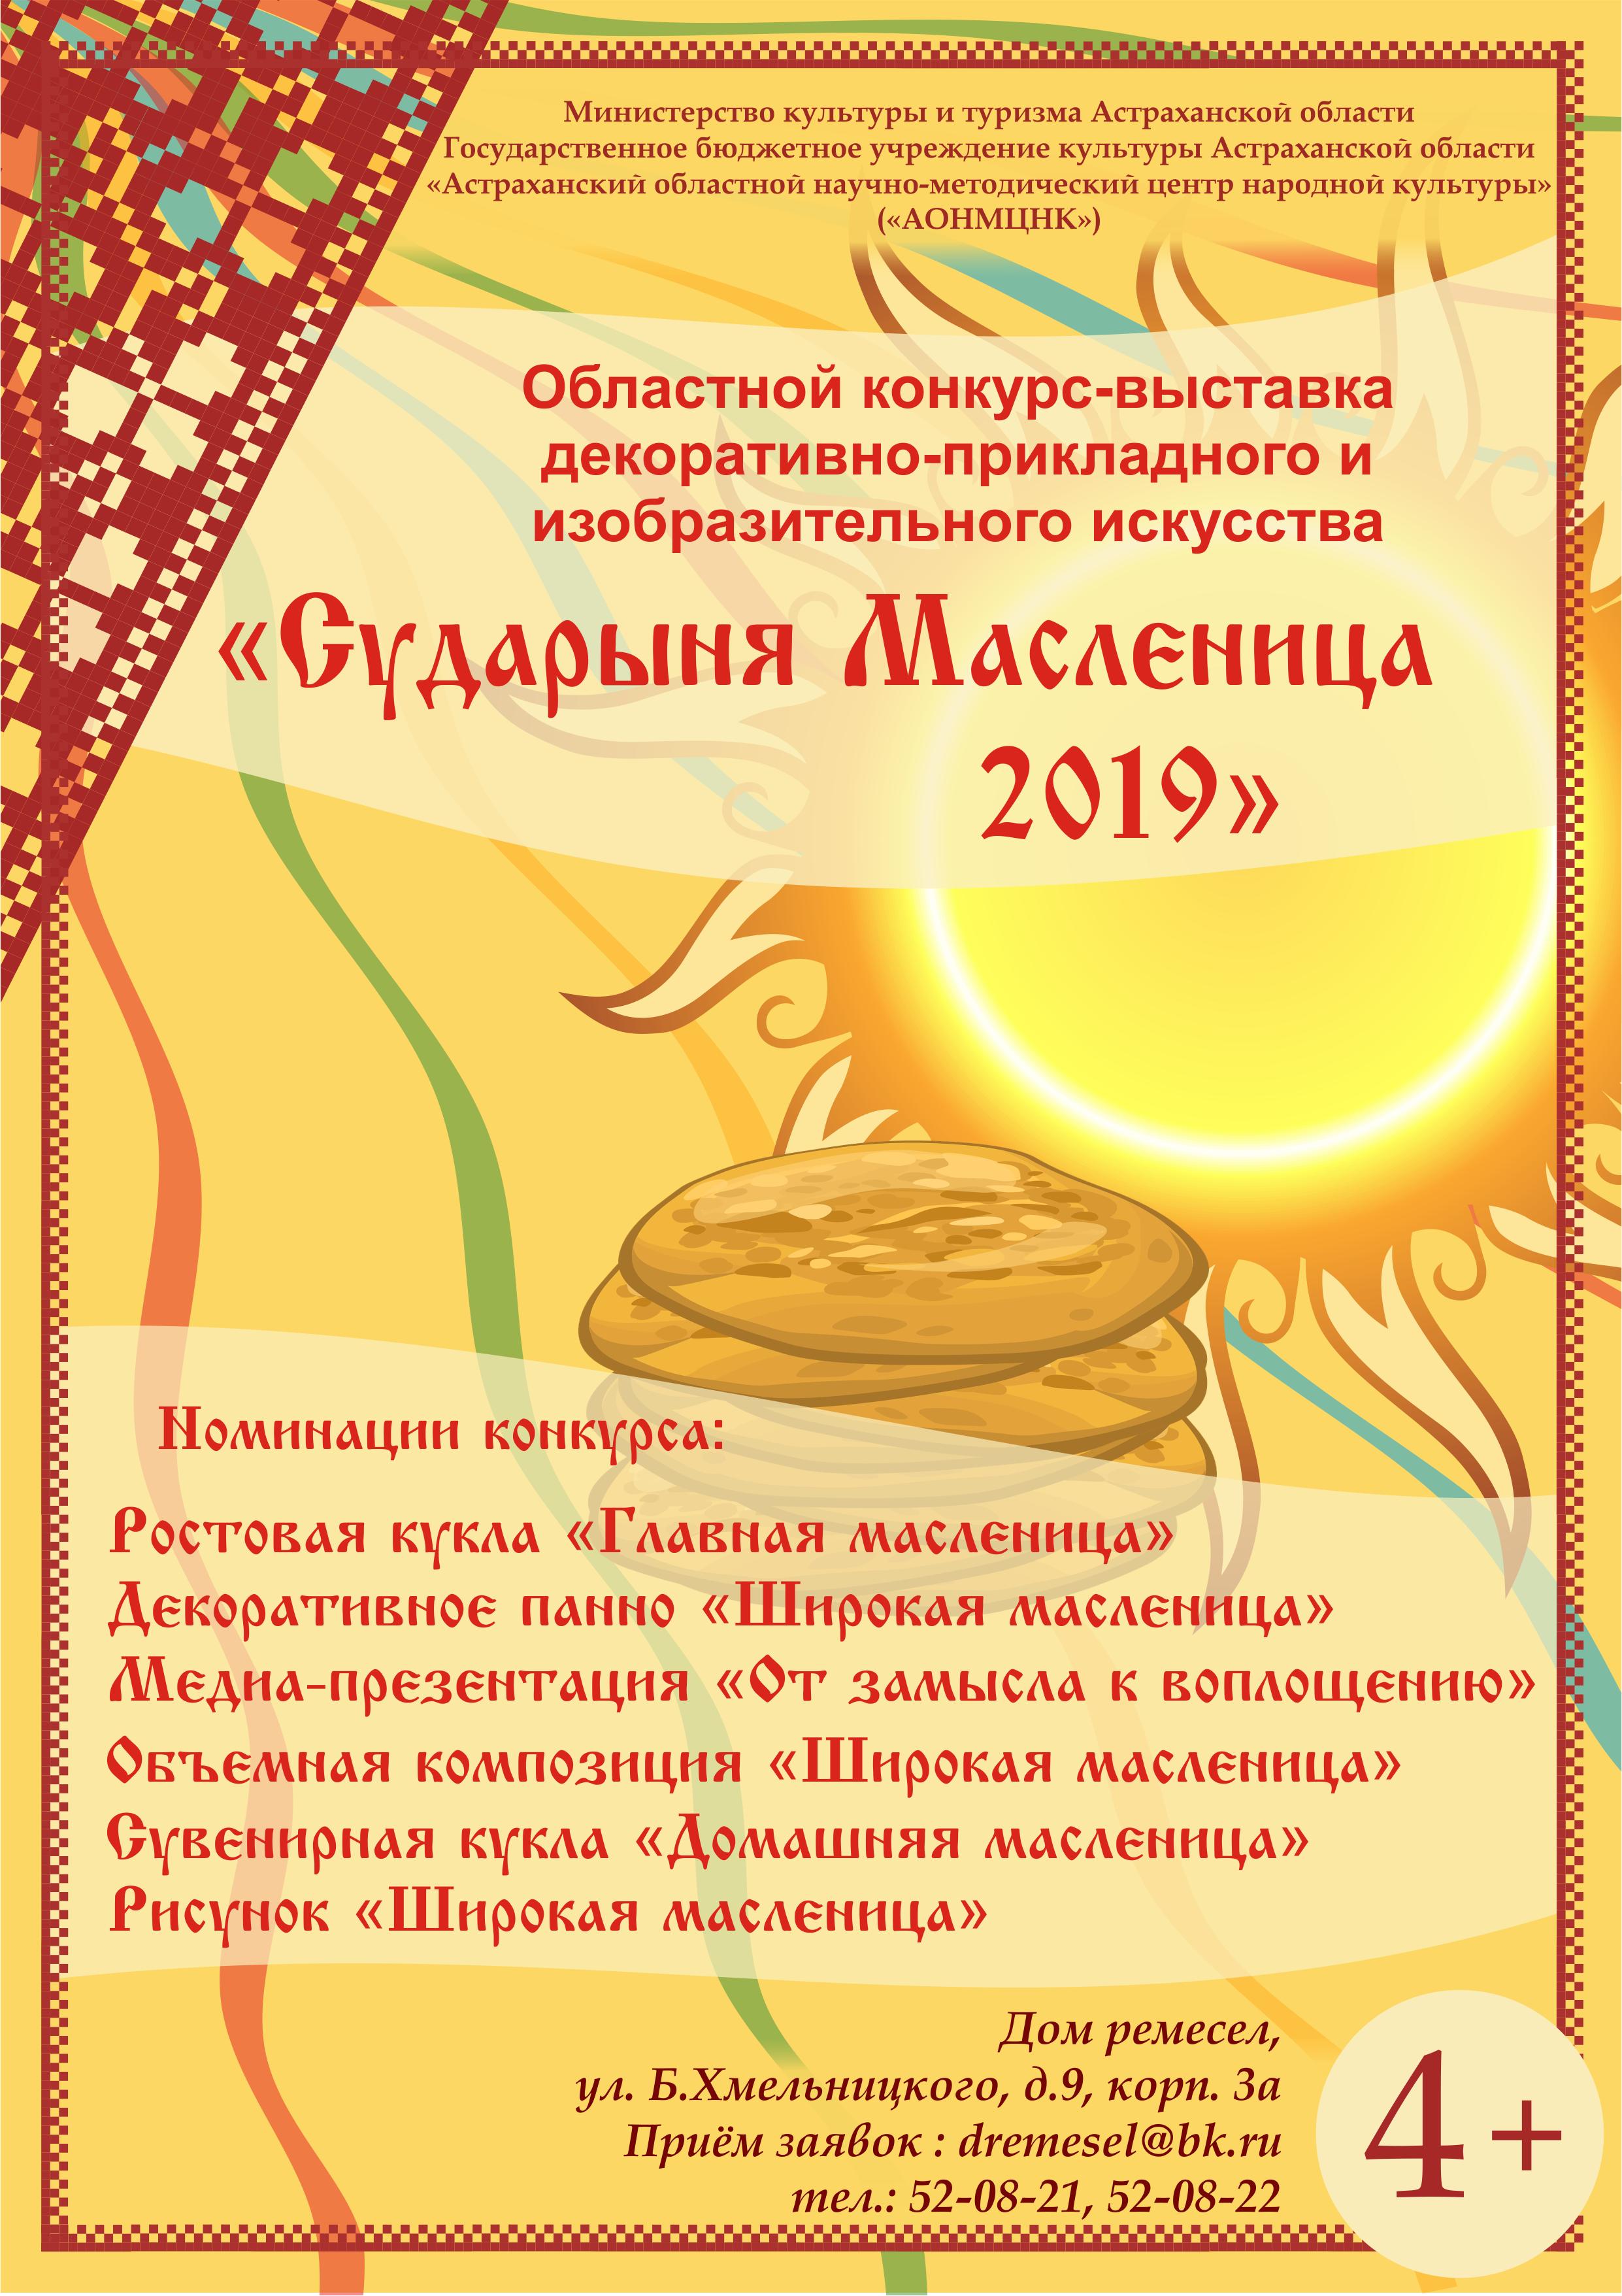 В Астрахани стартовал конкурс декоративно-прикладного и изобразительного искусства «Сударыня масленица – 2019»